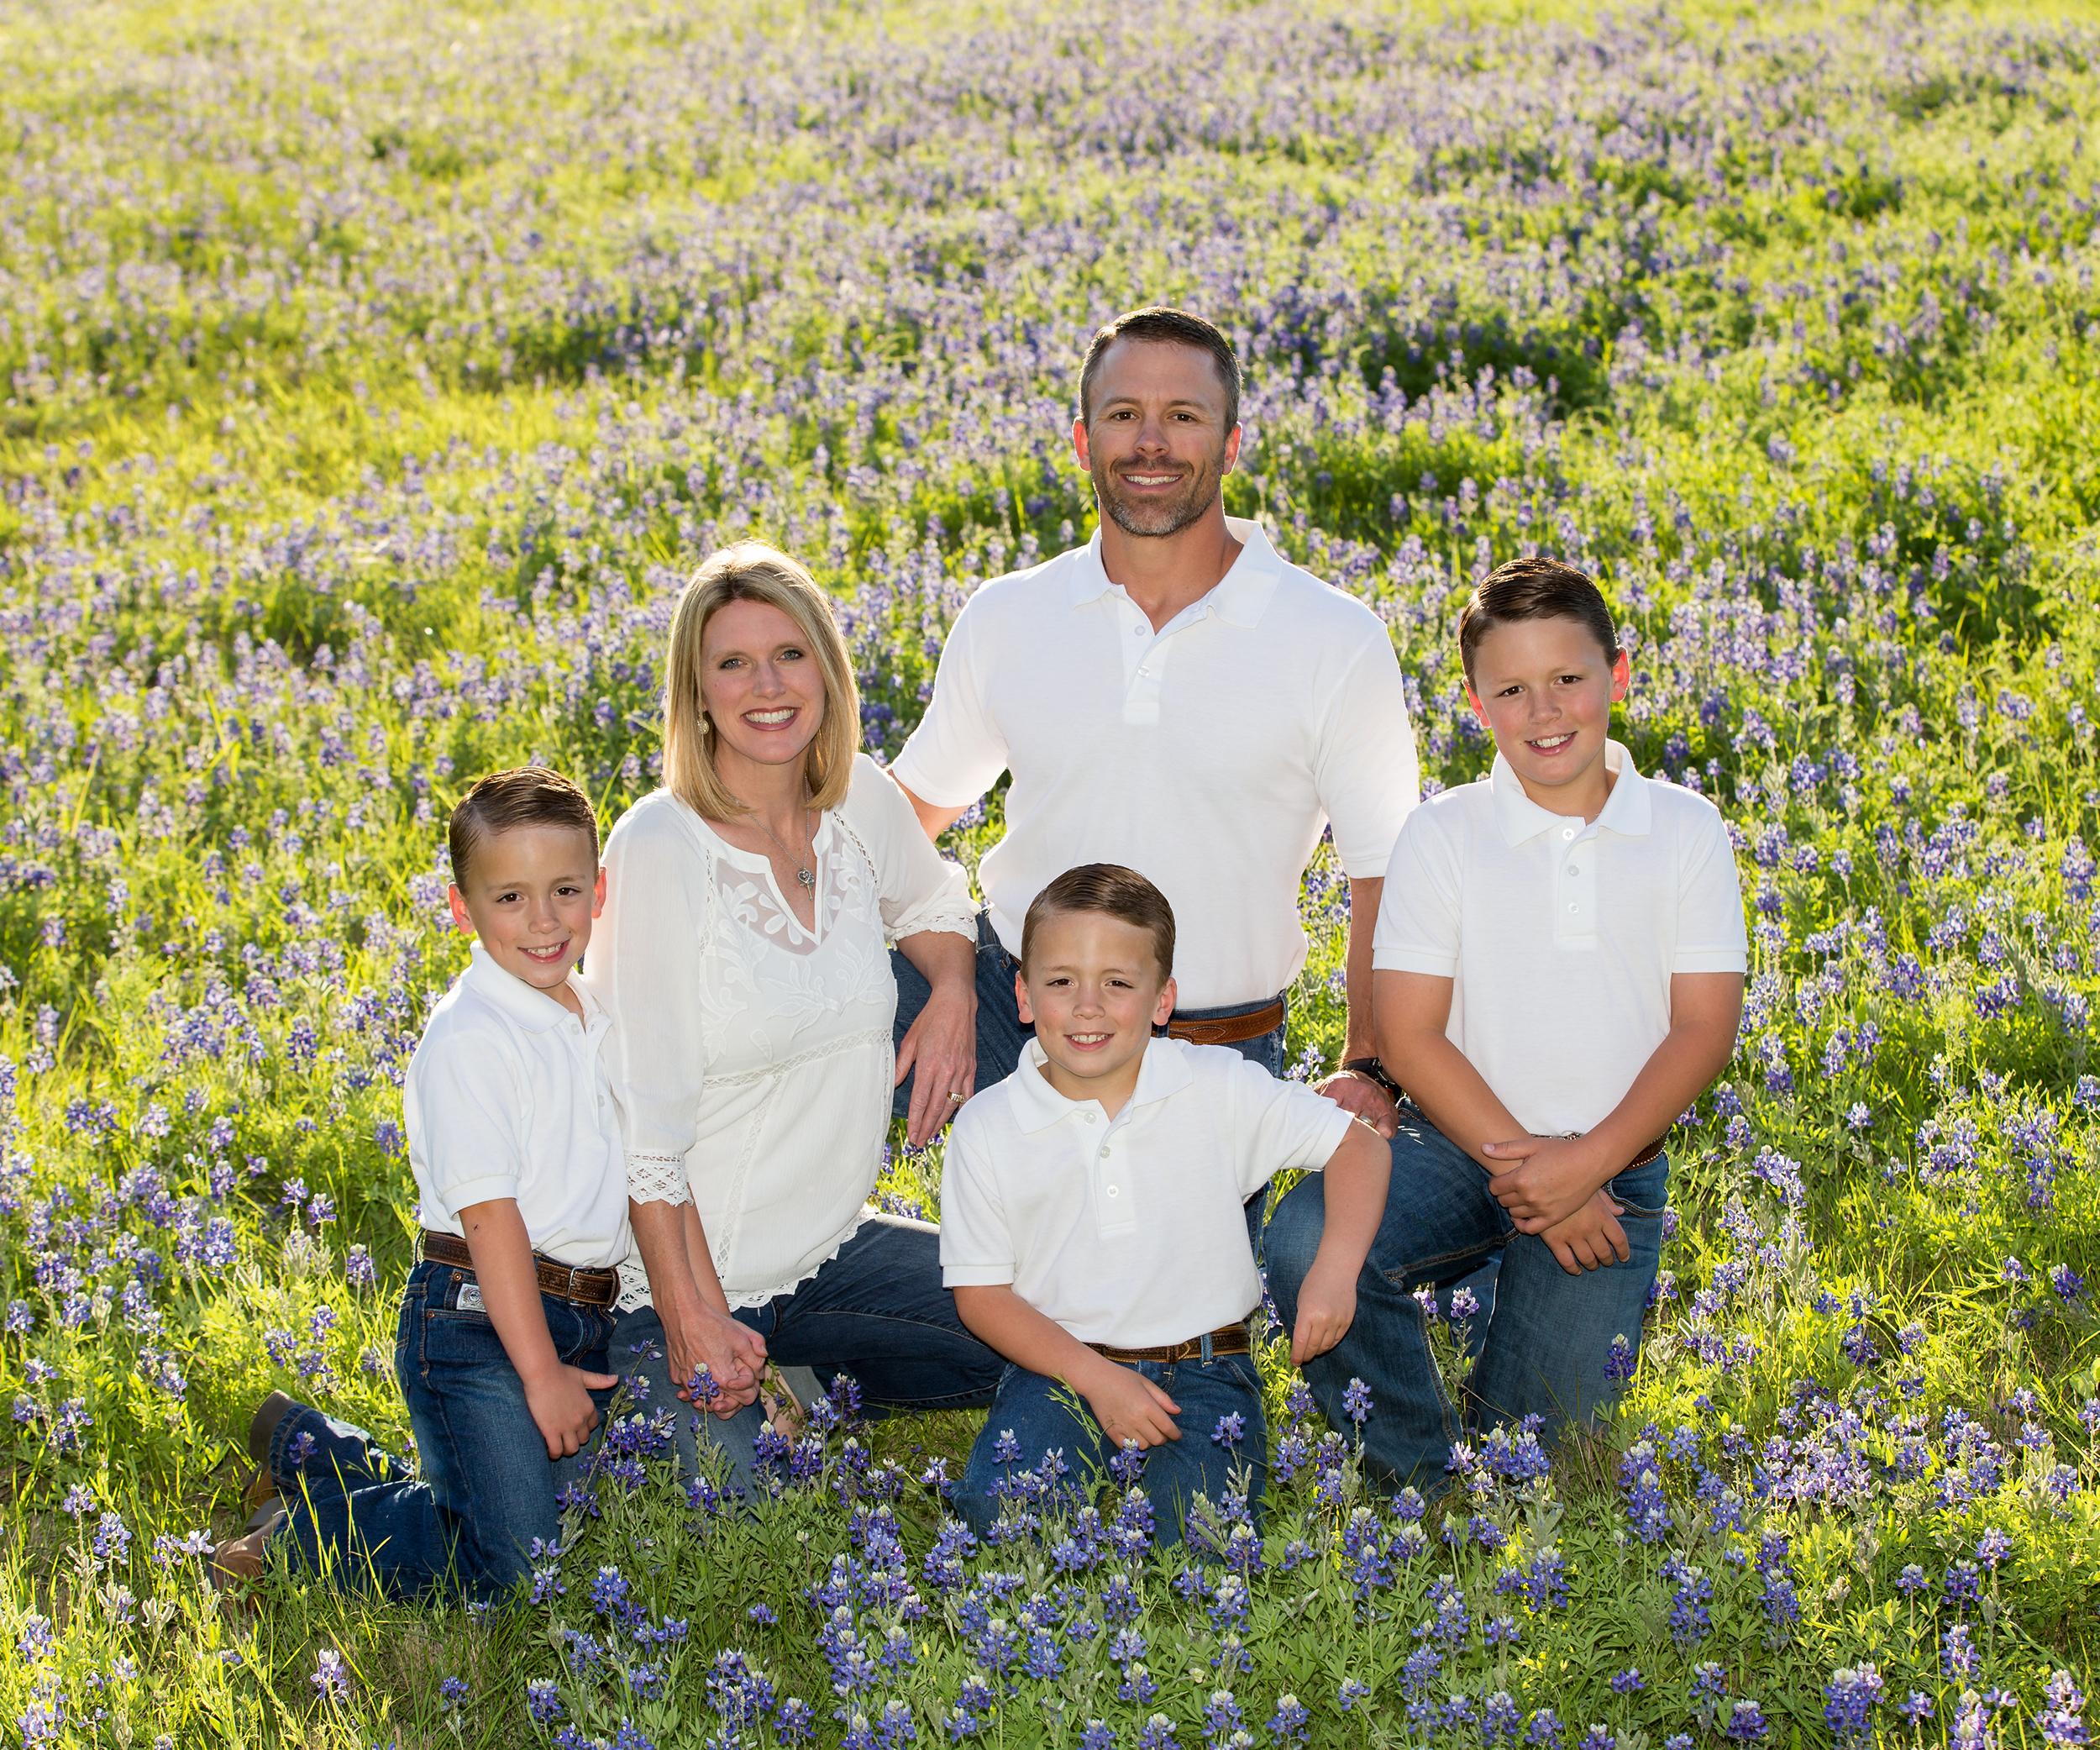 Family-bluebonnets-boy-white-shirts.jpg